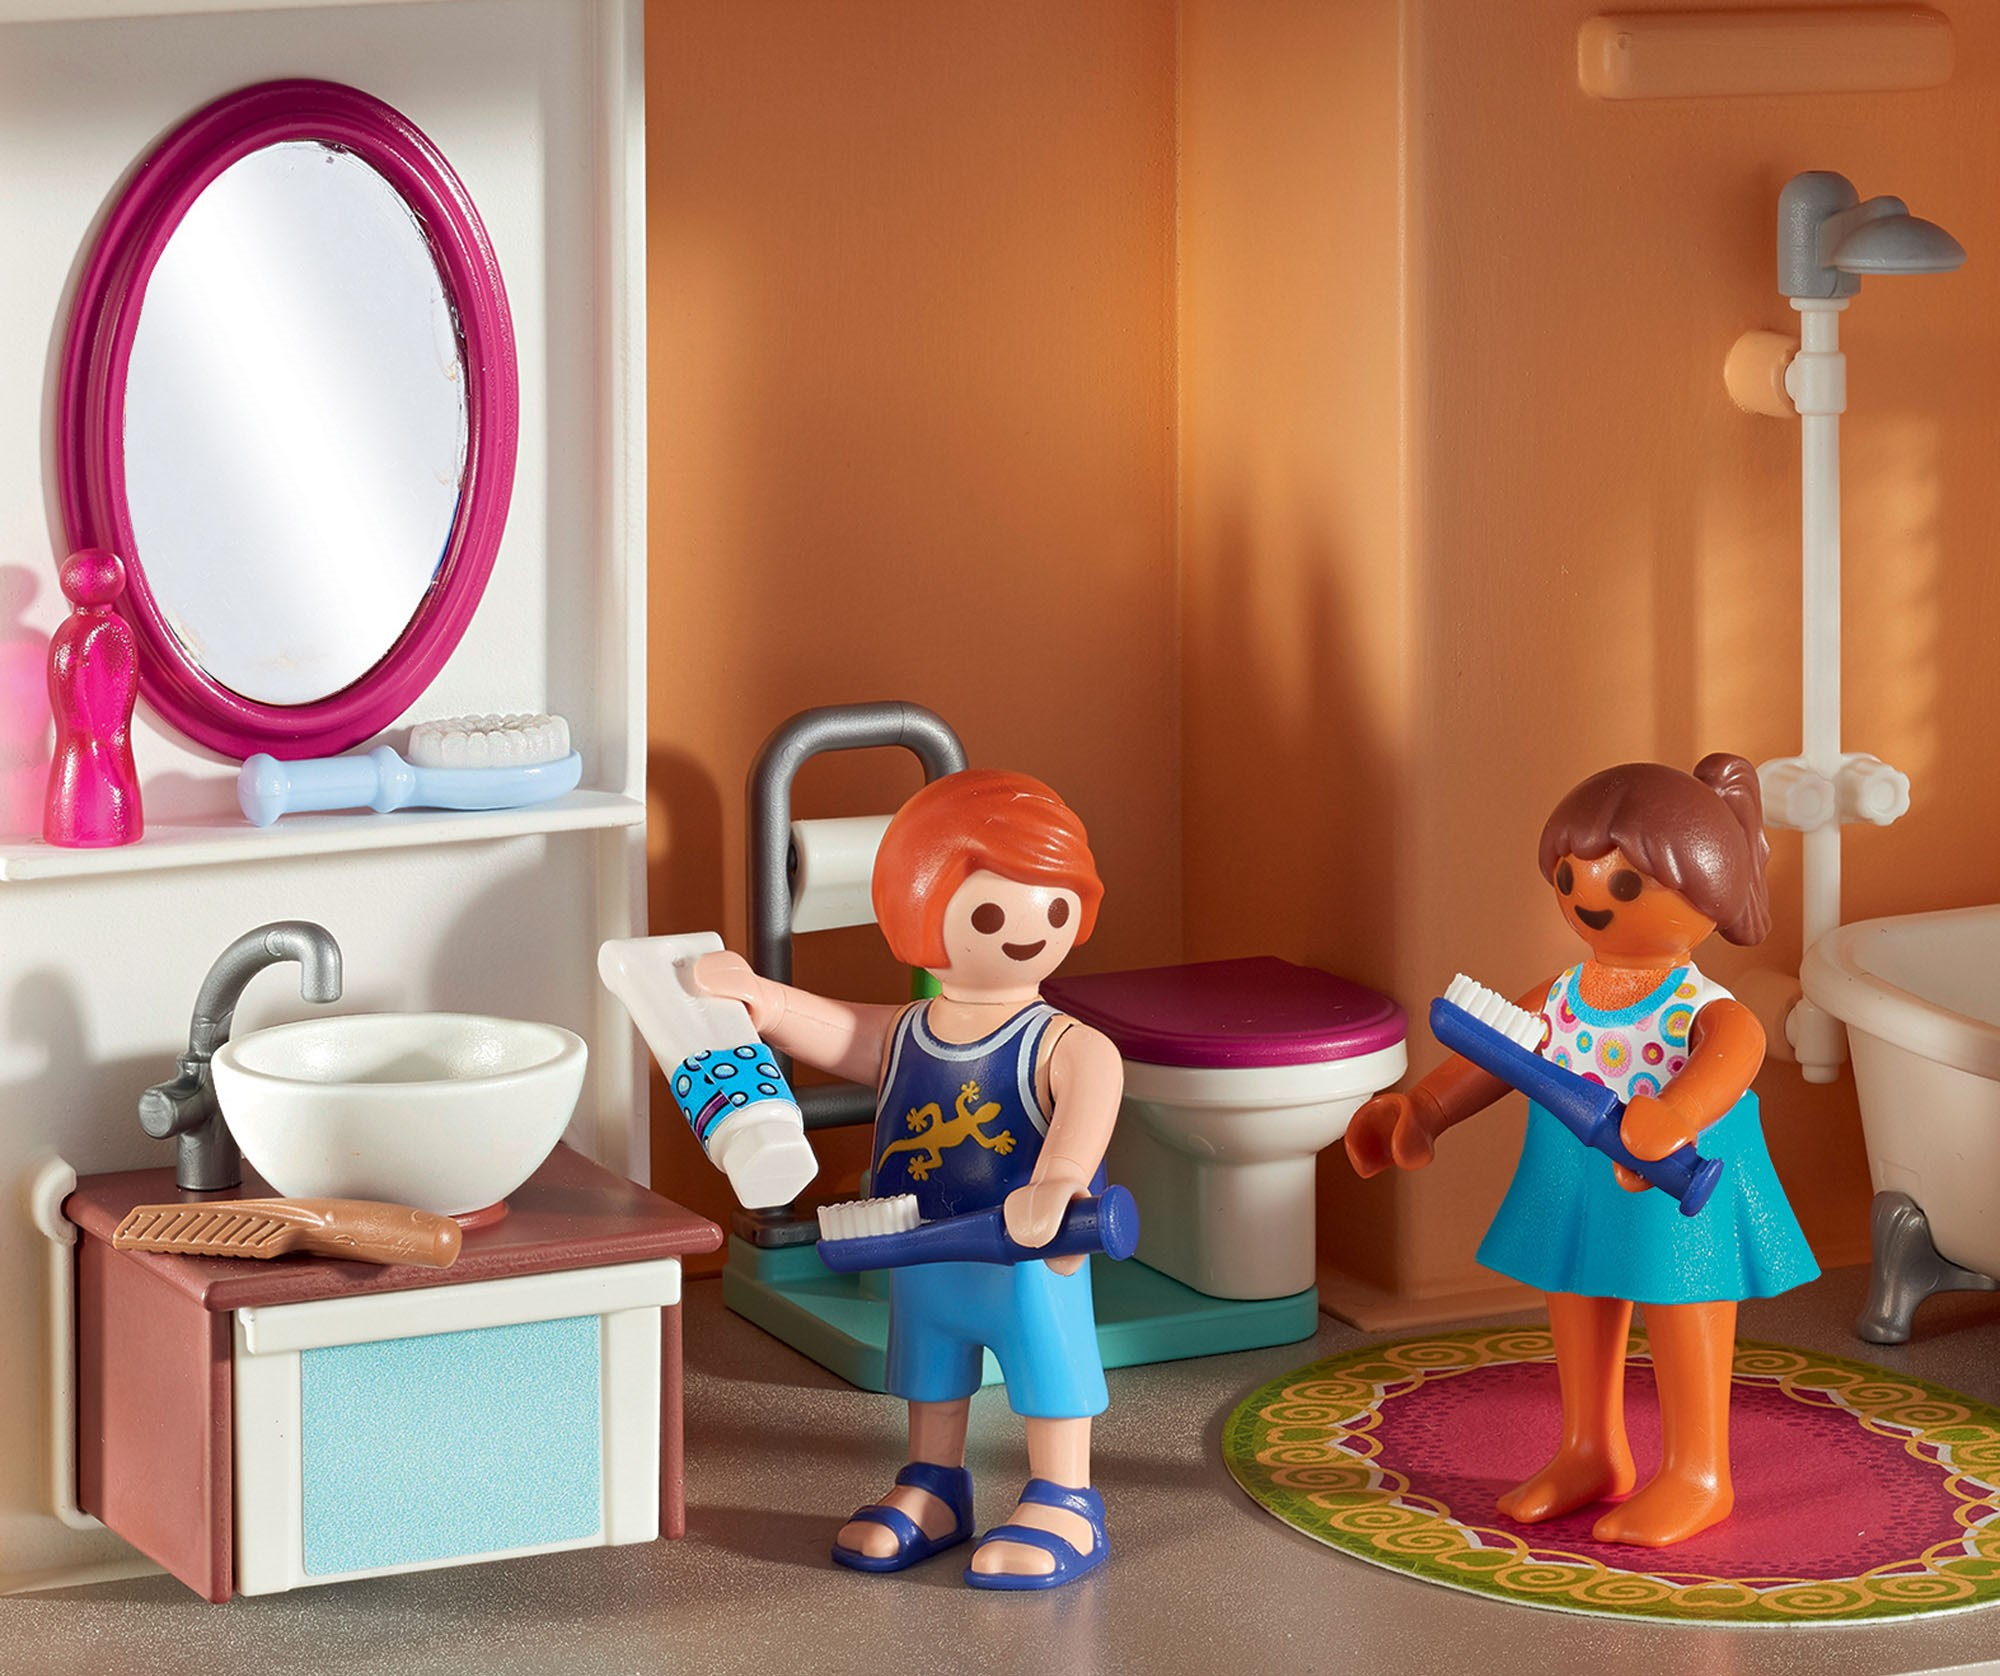 Le principe de jeu unique stimule l'imagination et la créativité et favorise ainsi le développement de l'enfant.